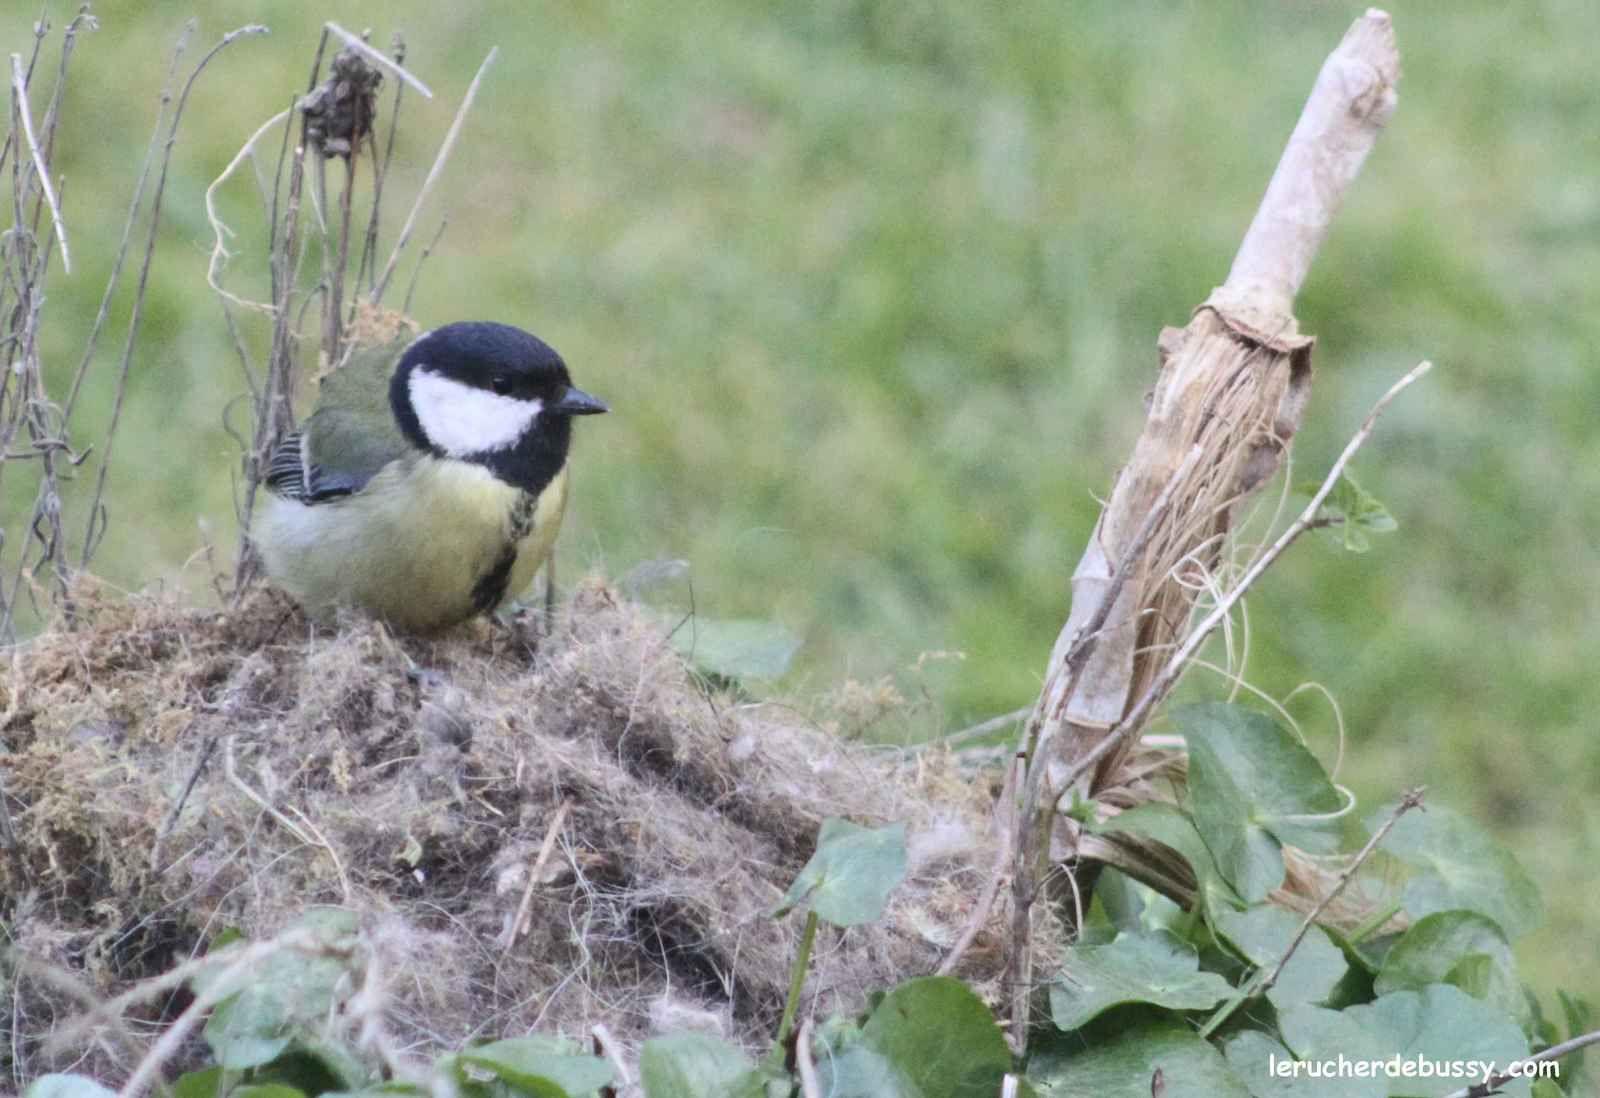 Recyclage d'un nid de mésange ou comment faire du neuf avec du vieux?